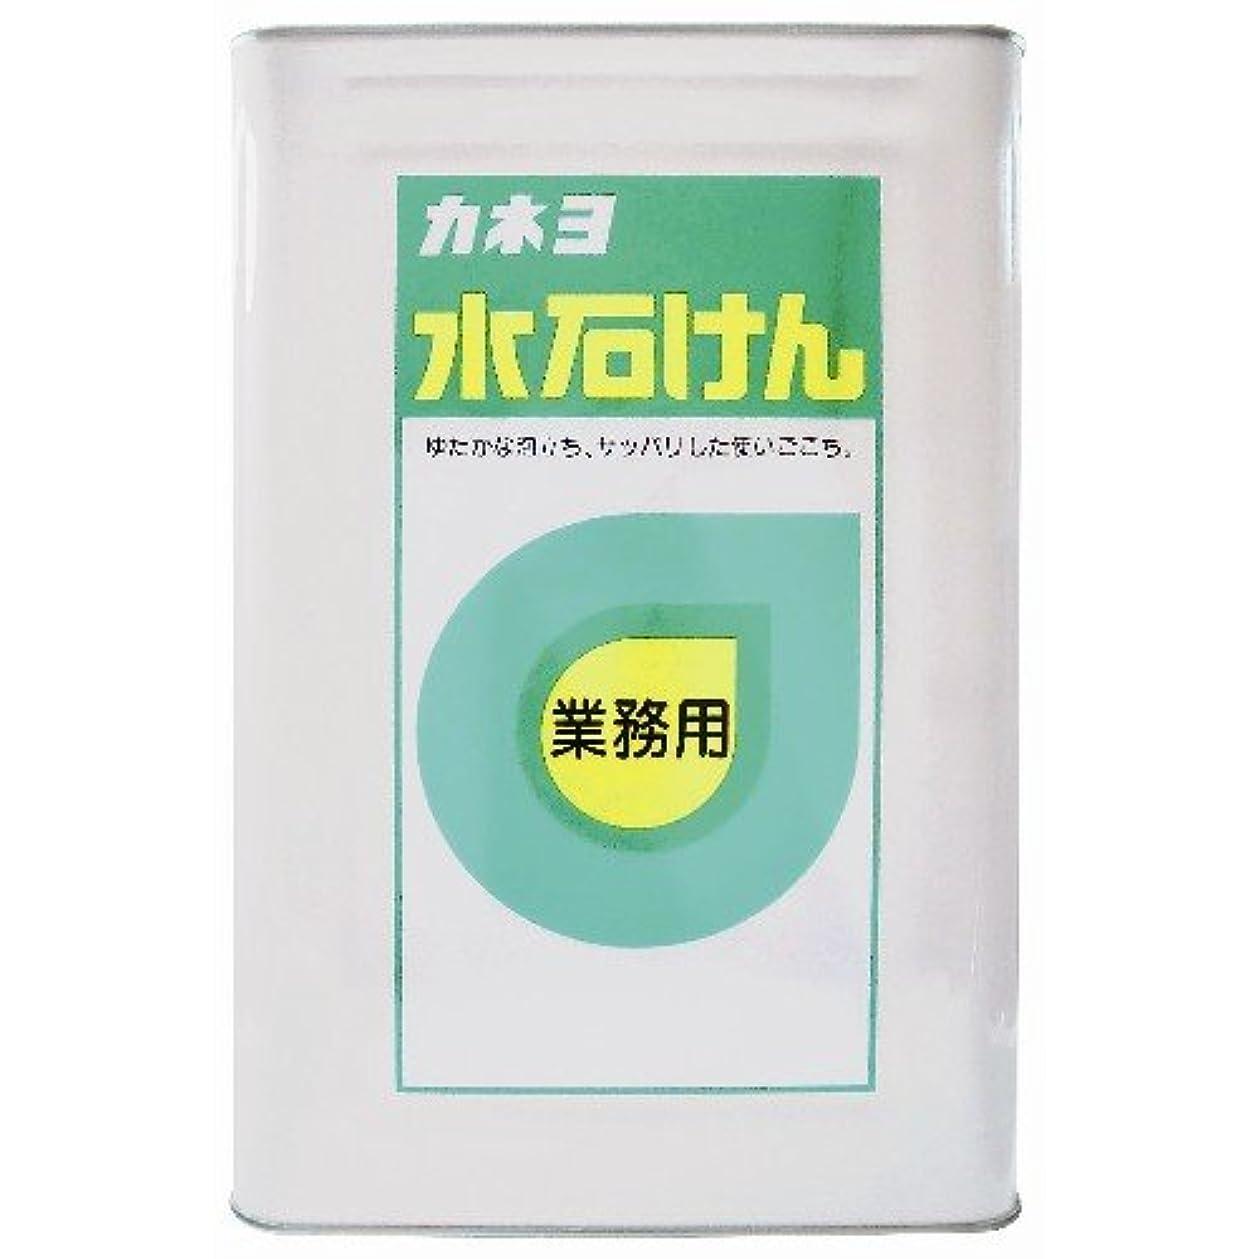 あご要求するもし【大容量】 カネヨ石鹸 ハンドソープ 水石けん 液体 業務用 18L 一斗缶